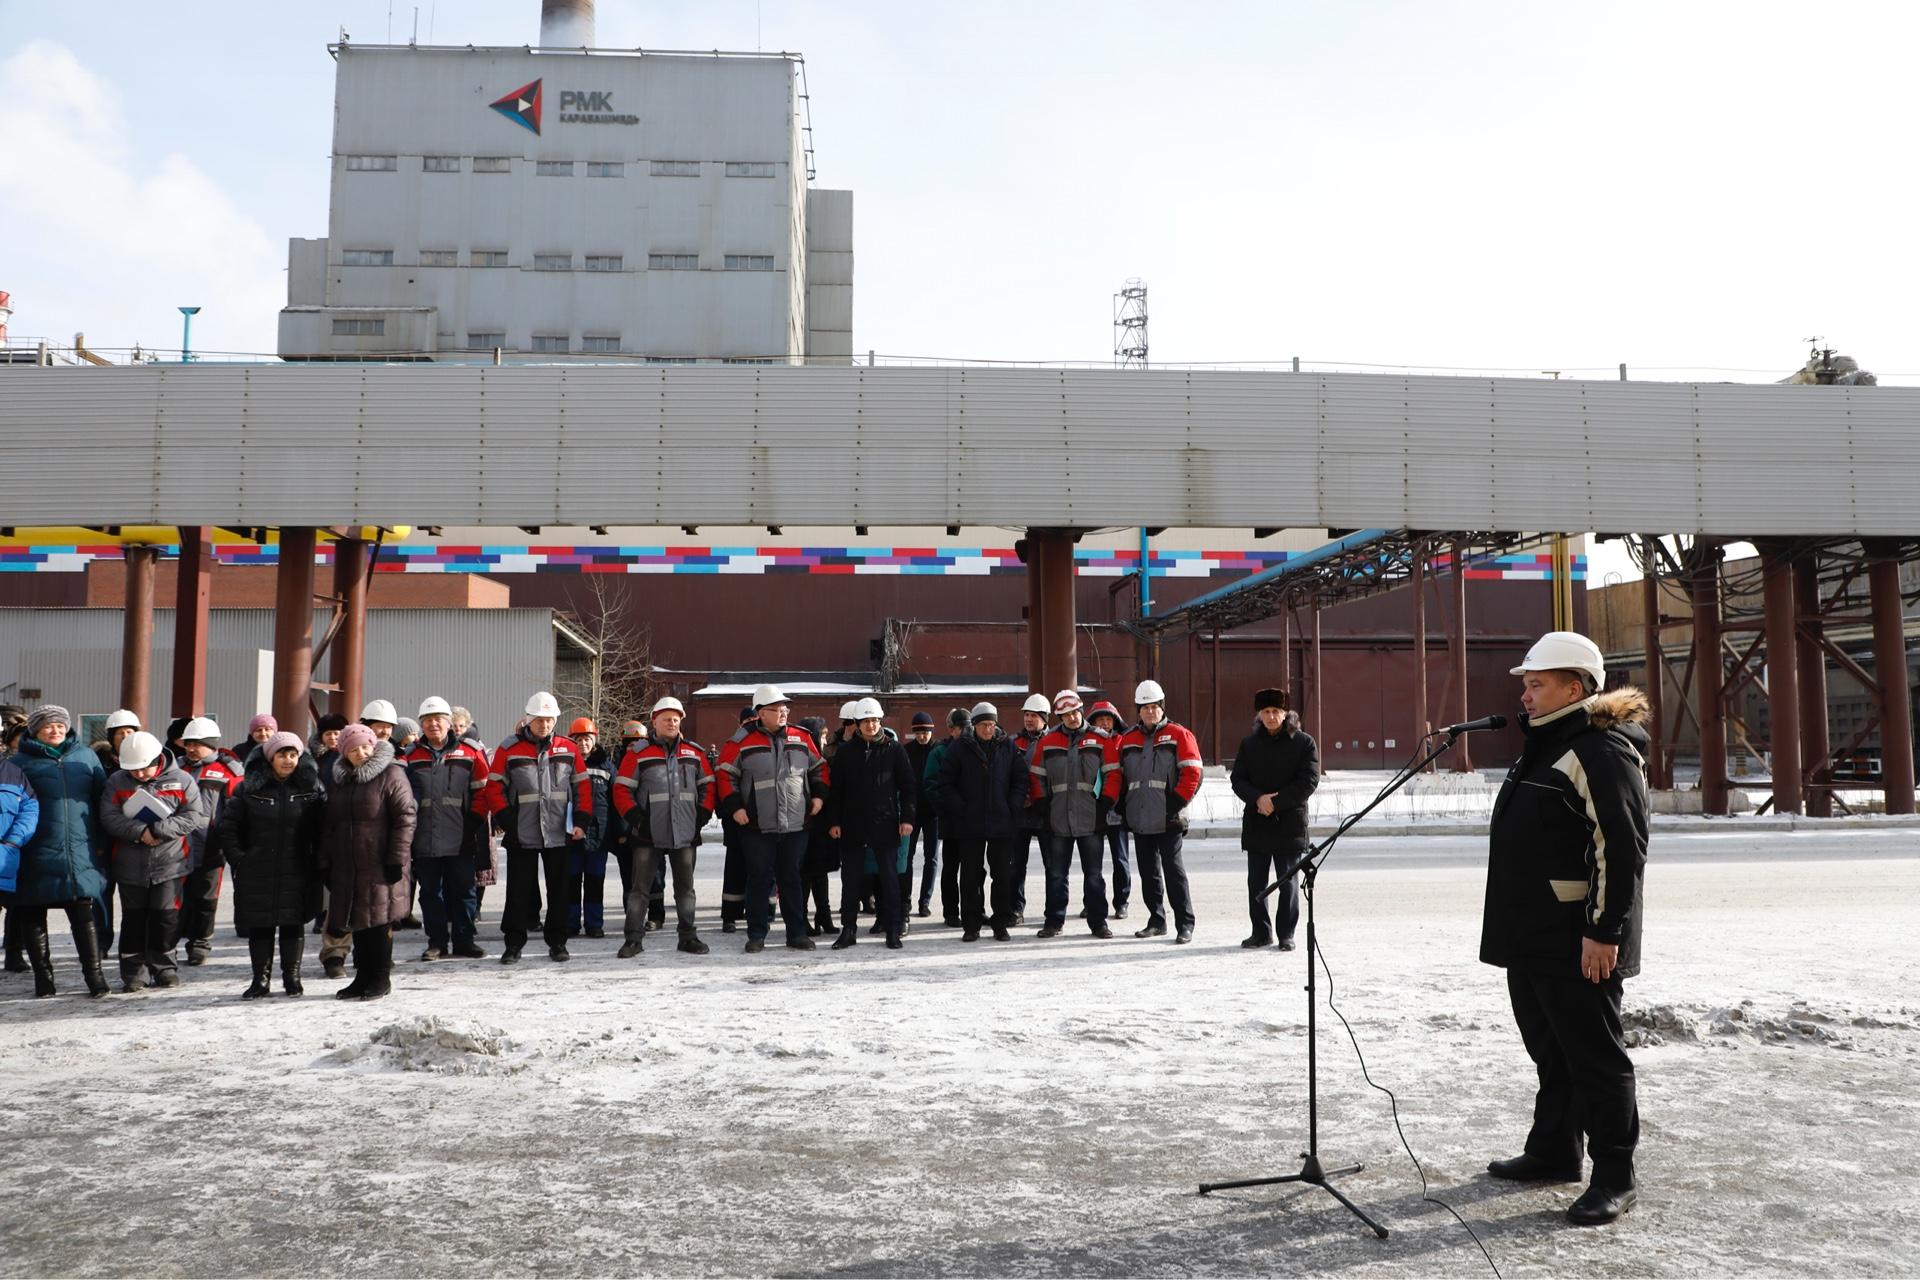 Как сообщили агентству «Урал-пресс-информ» в пресс-службе РМК, Карабашский медеплавильный завод б